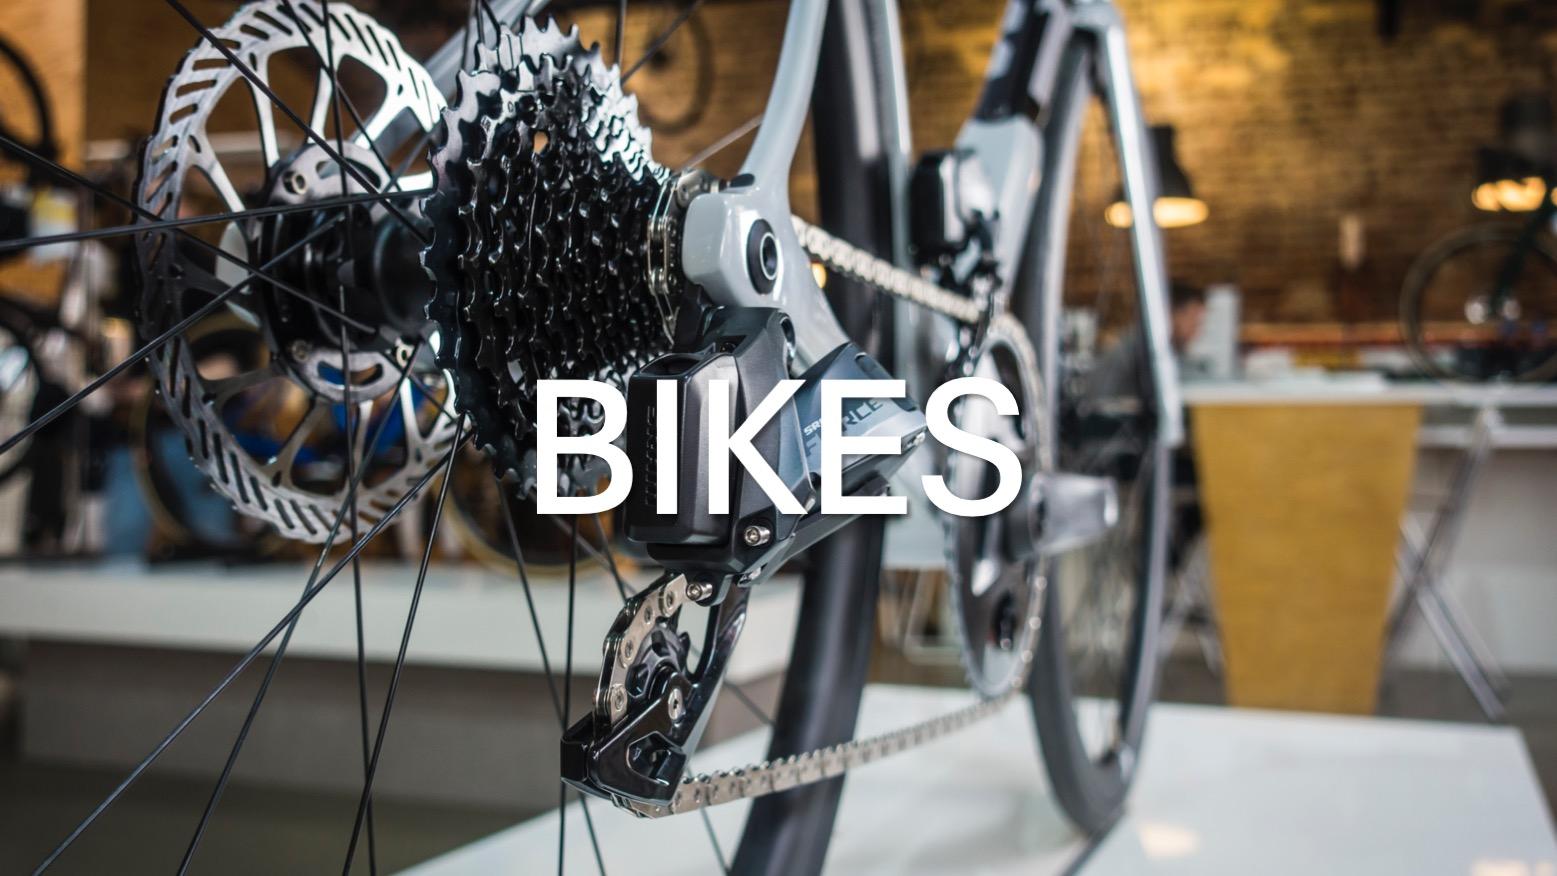 Bobike Bikes